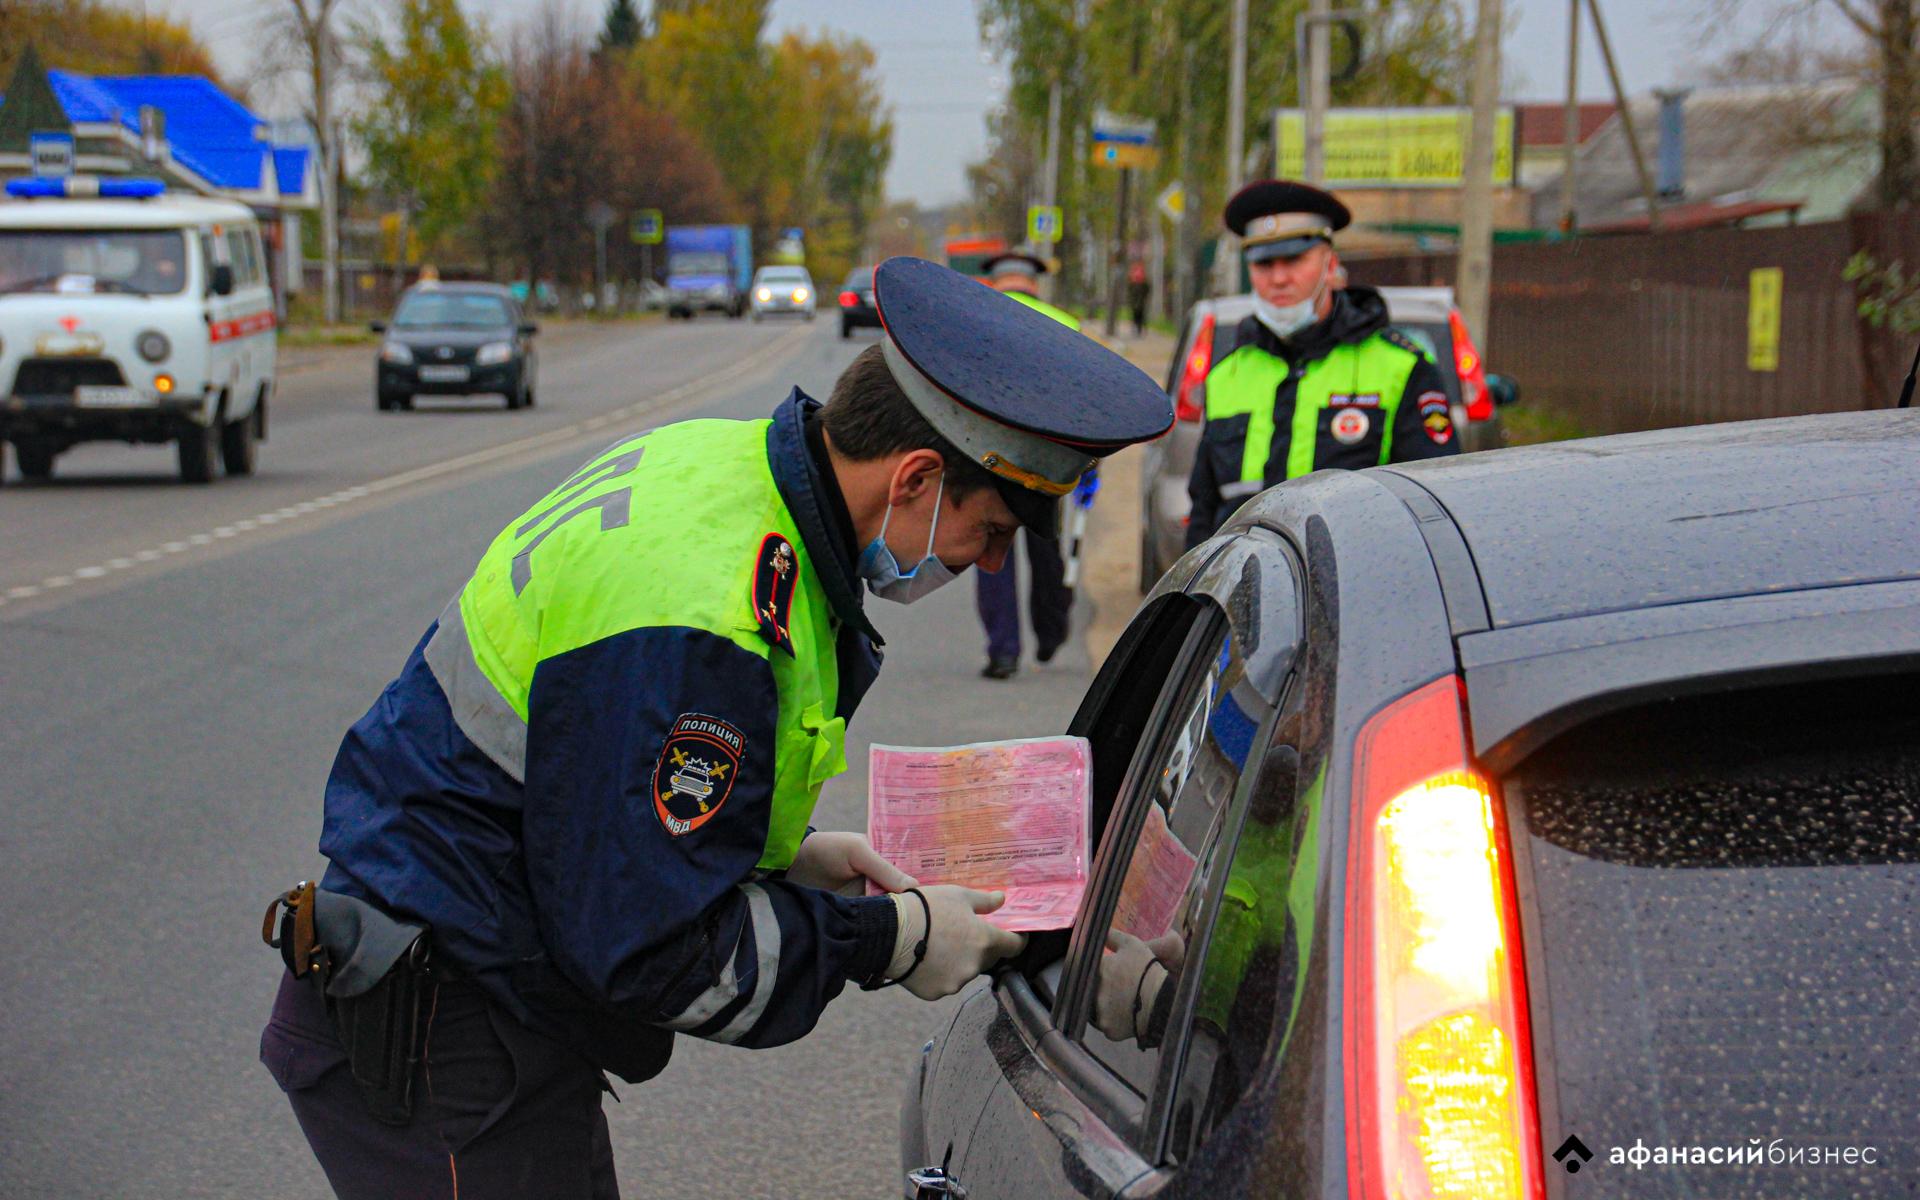 Автовладельцы могут оформить полис ОСАГО с помощью финансовых платформ - новости Афанасий